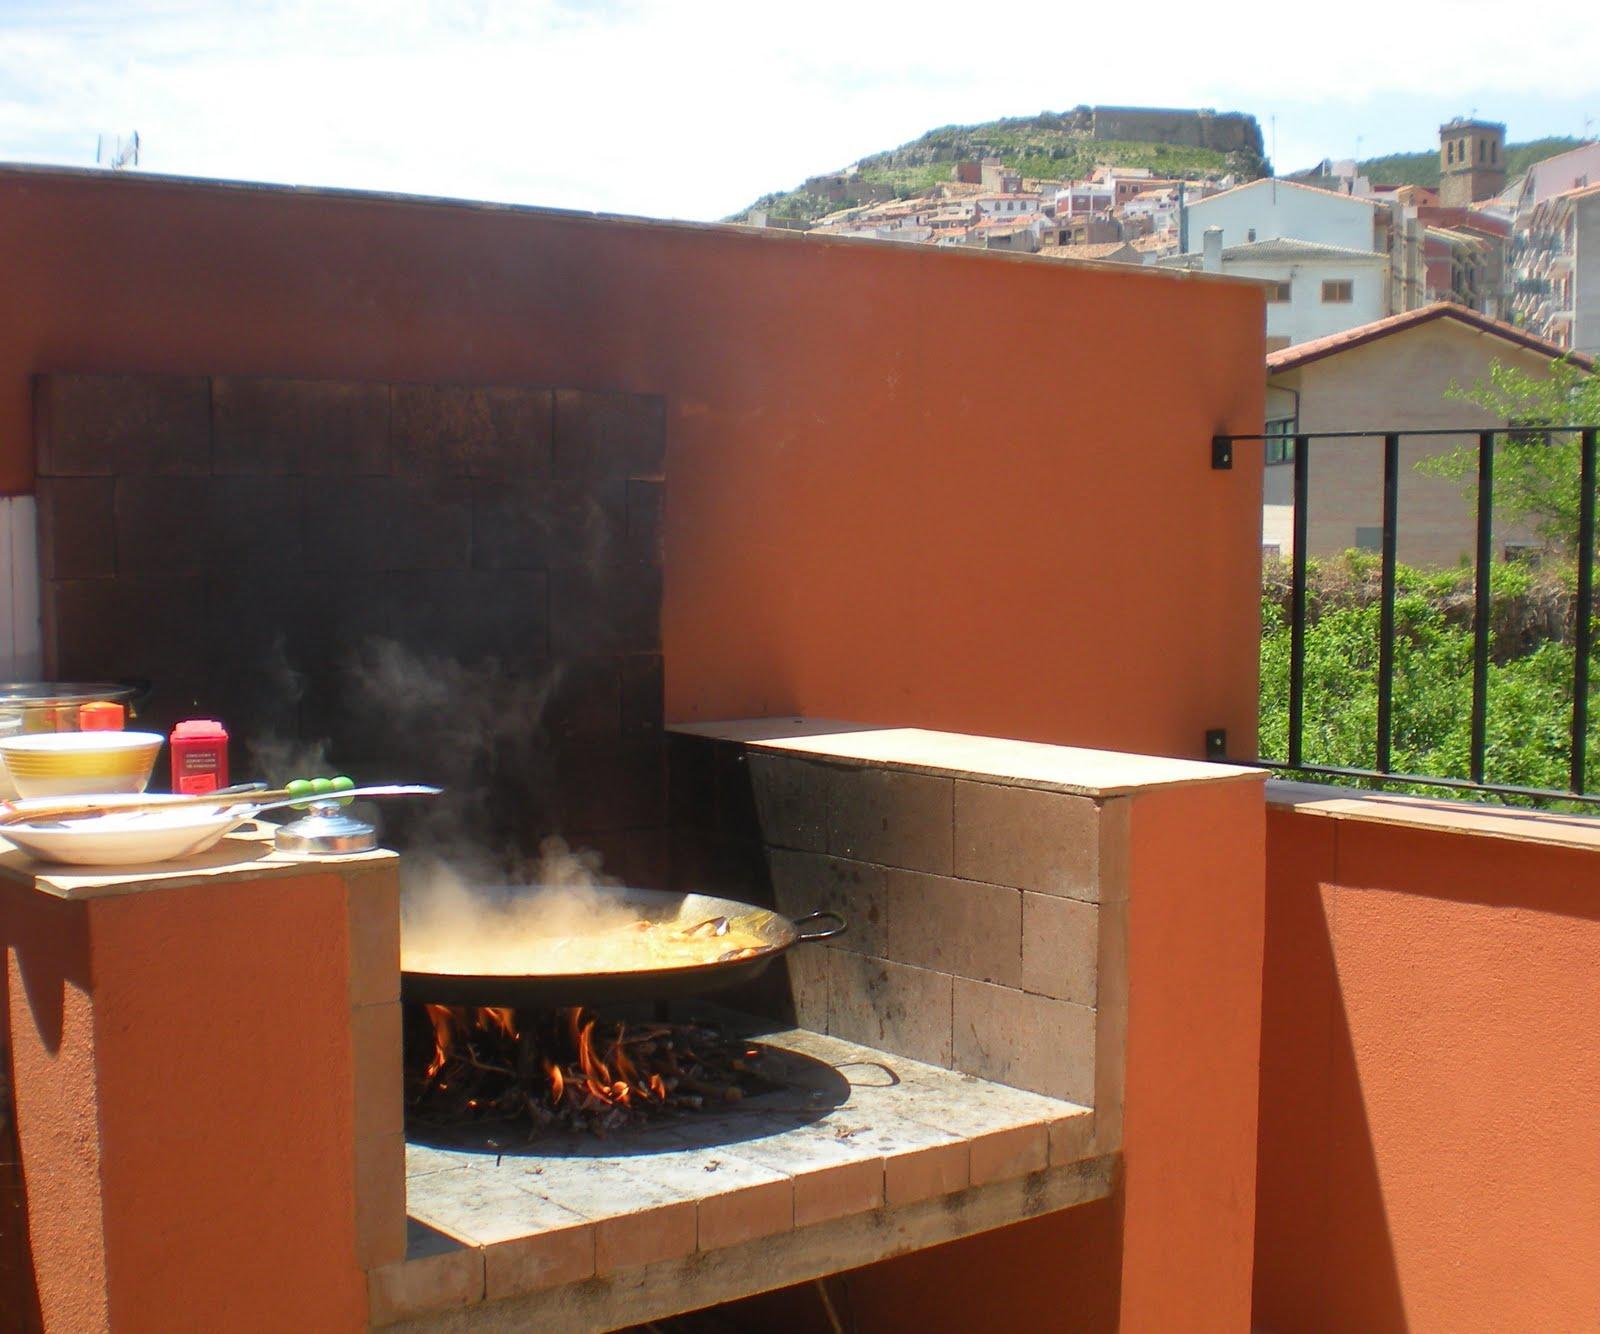 Ana villanueva mayo 2010 - Barbacoa paellero ...